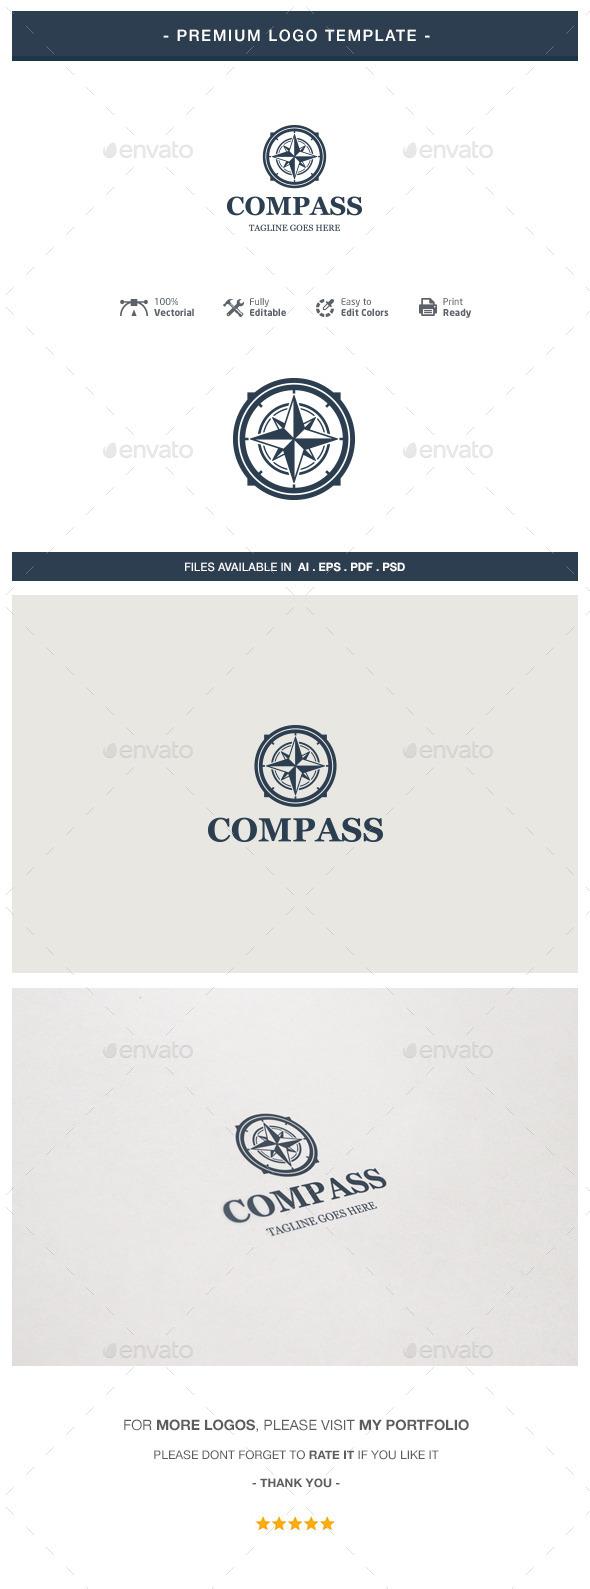 GraphicRiver Compass Logo Template 10747332